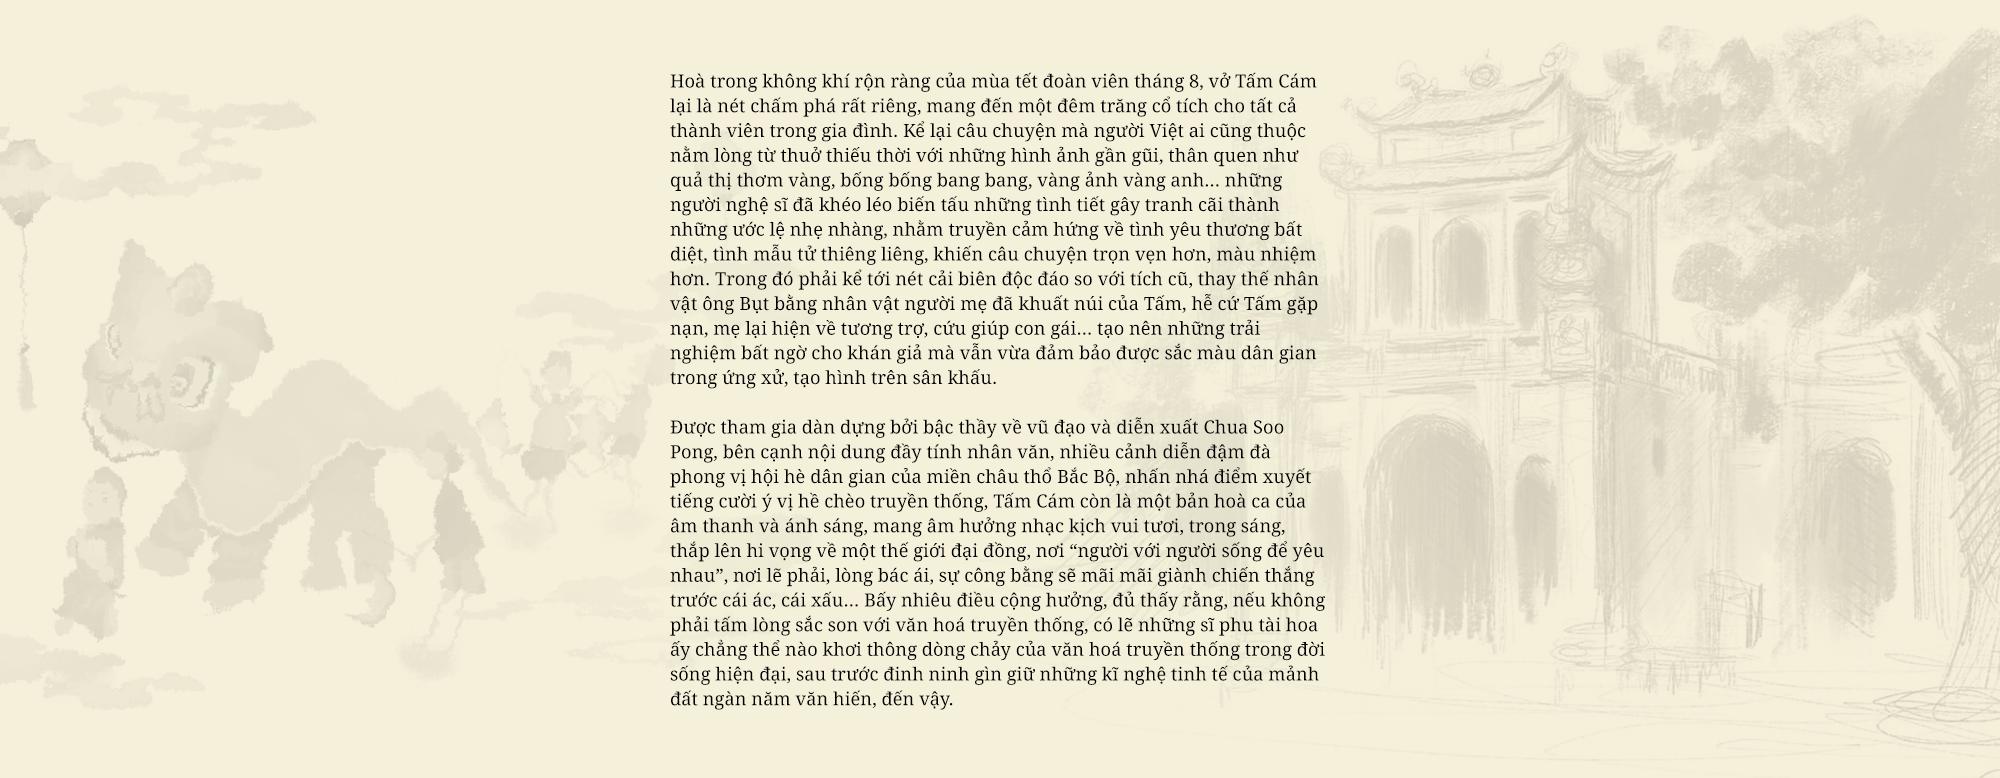 Thu Hà Nội: Kể chuyện cũ, nhớ người xưa - Ảnh 12.